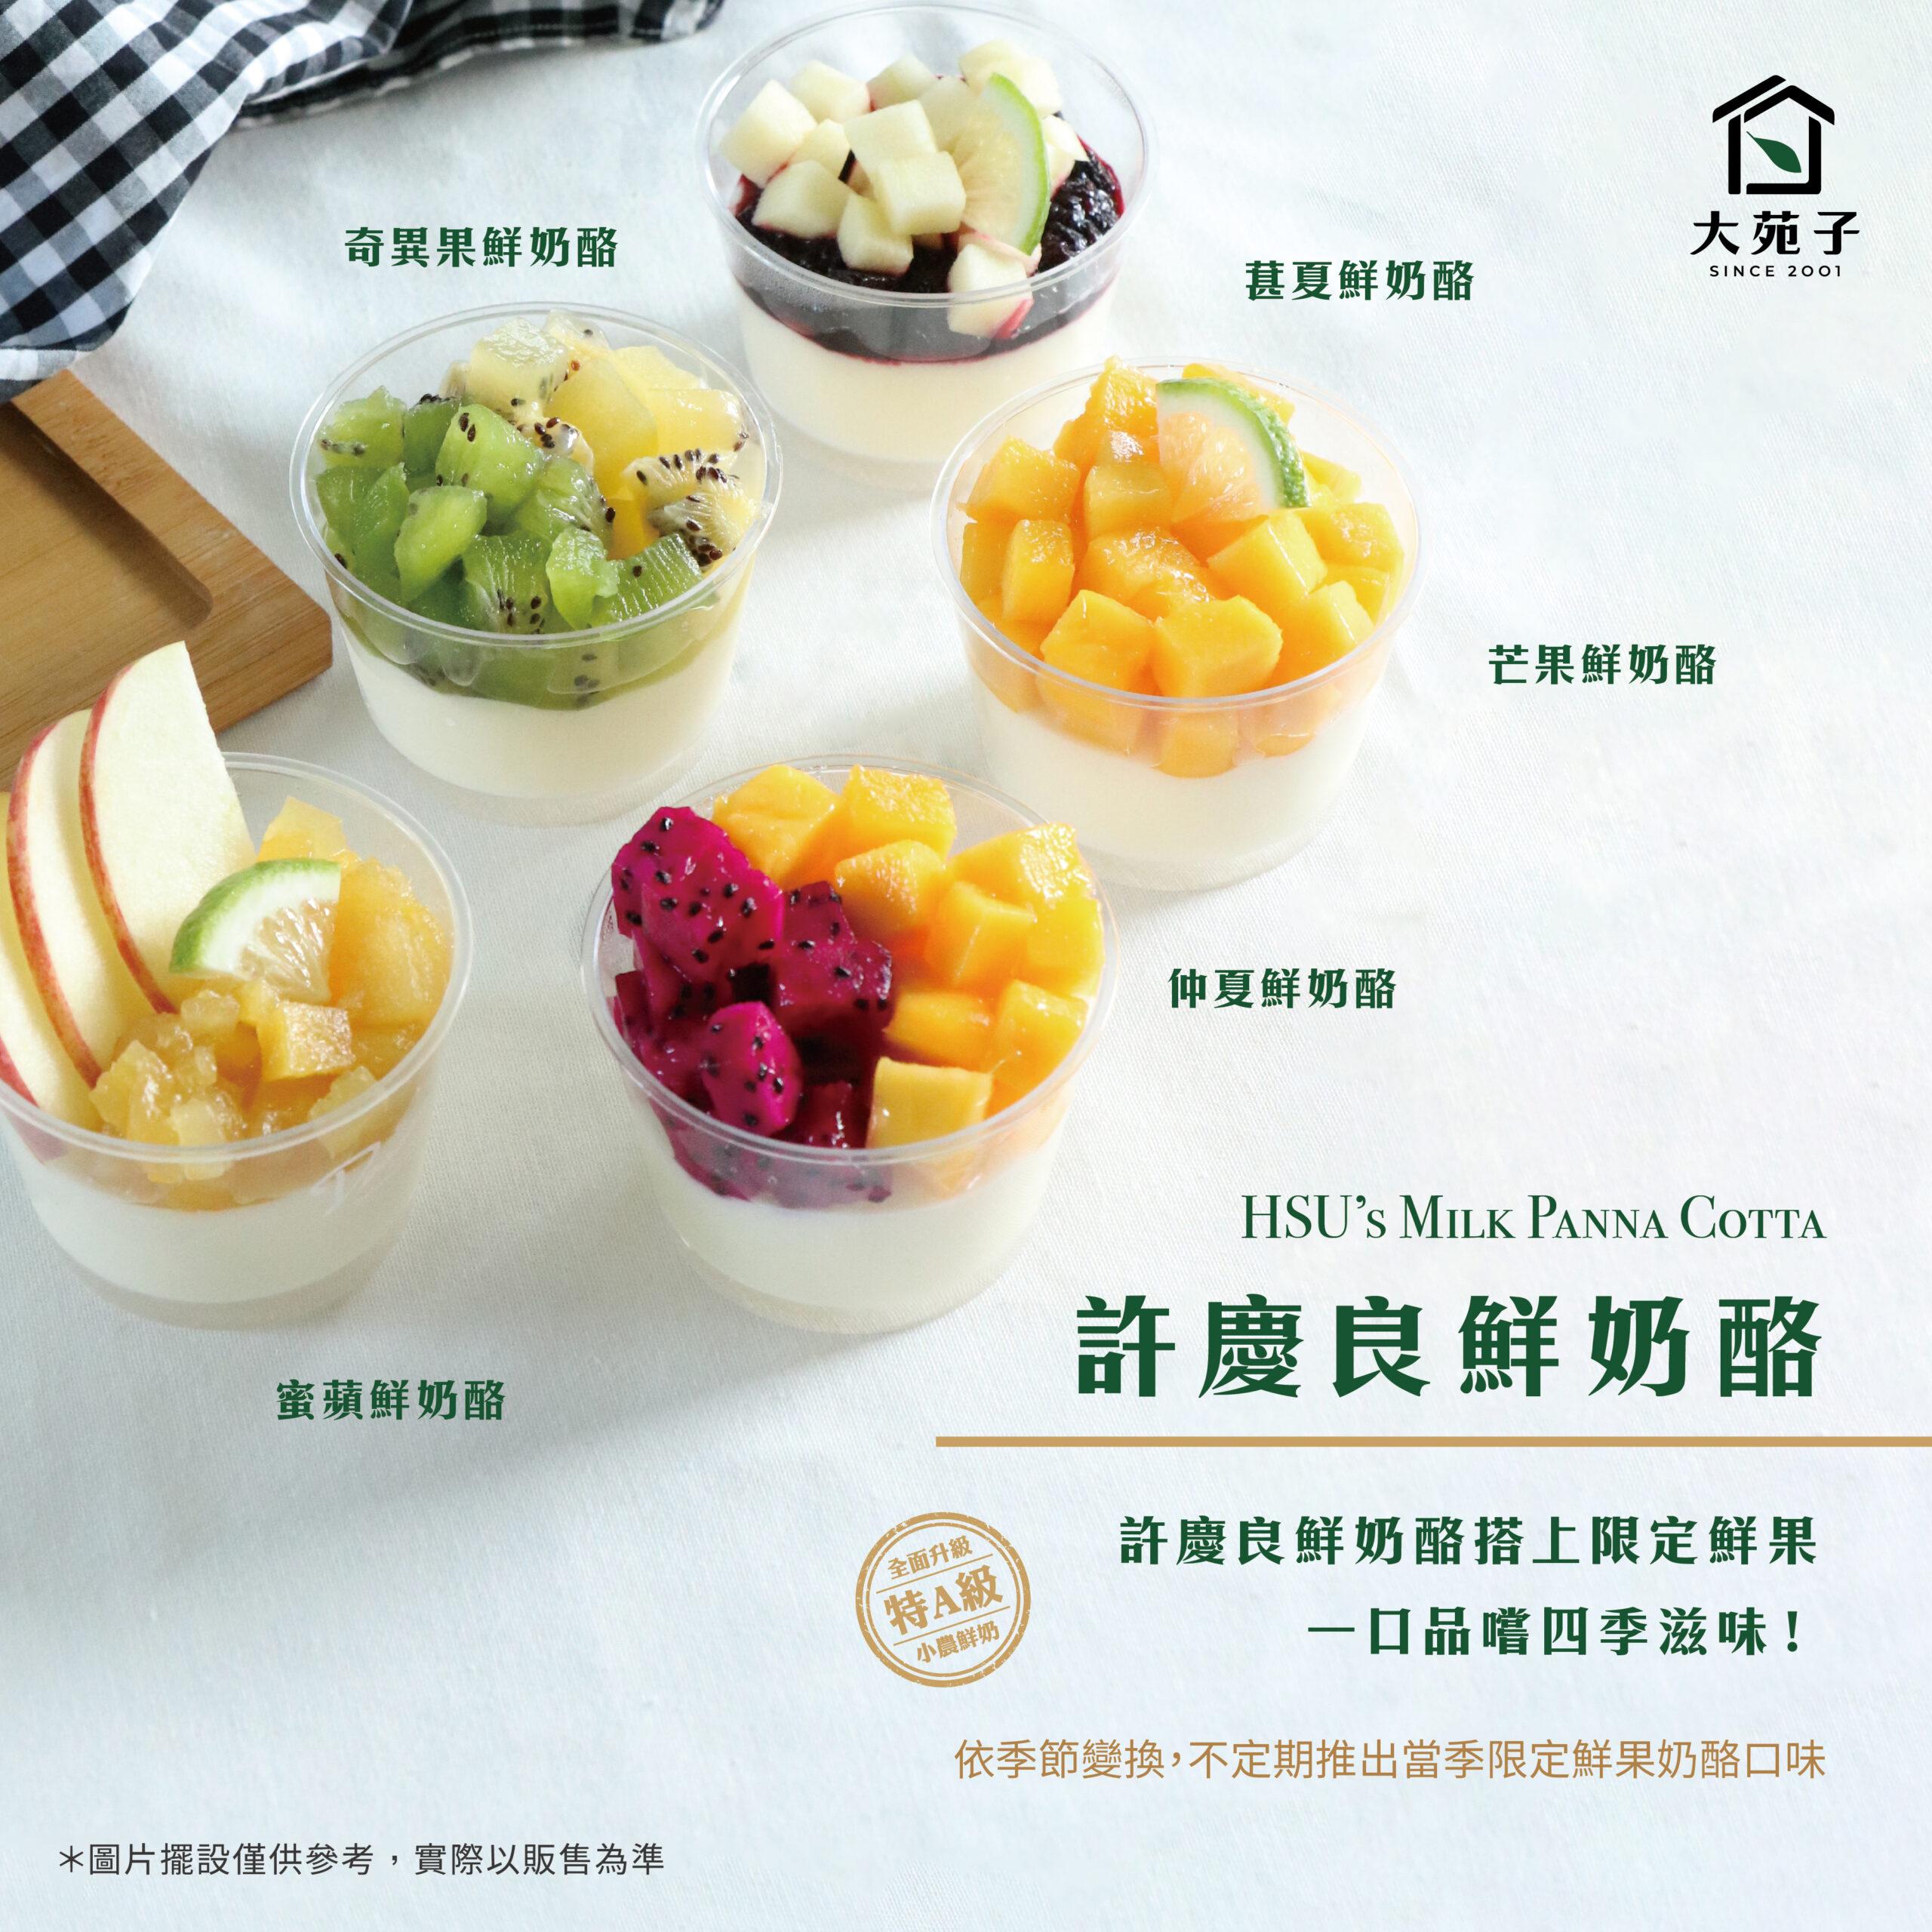 首頁飲品圖960x960-210622_許慶良鮮奶酪